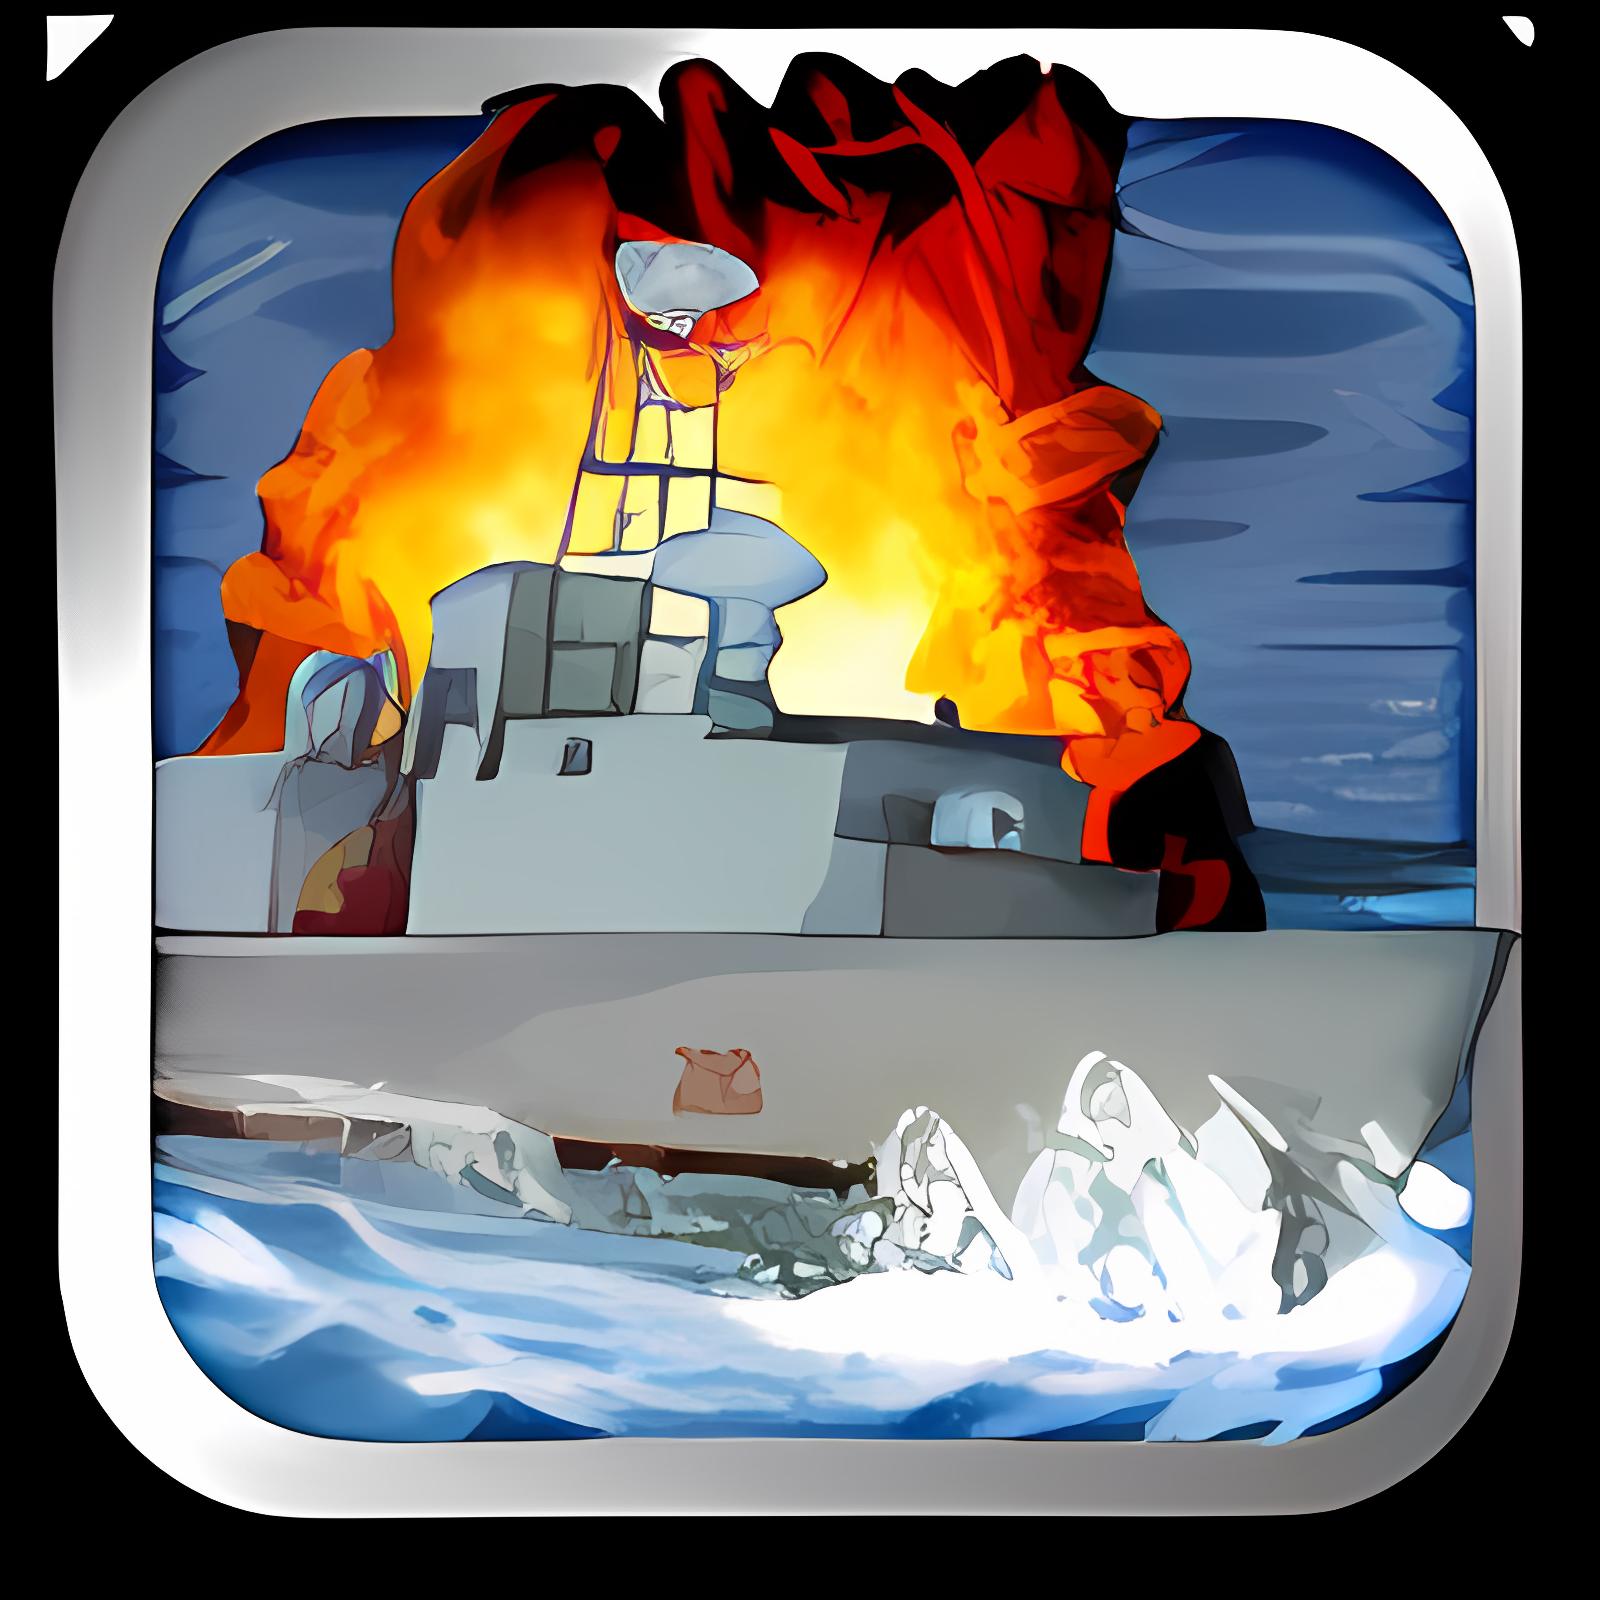 Battleship for iPad 1.0.85